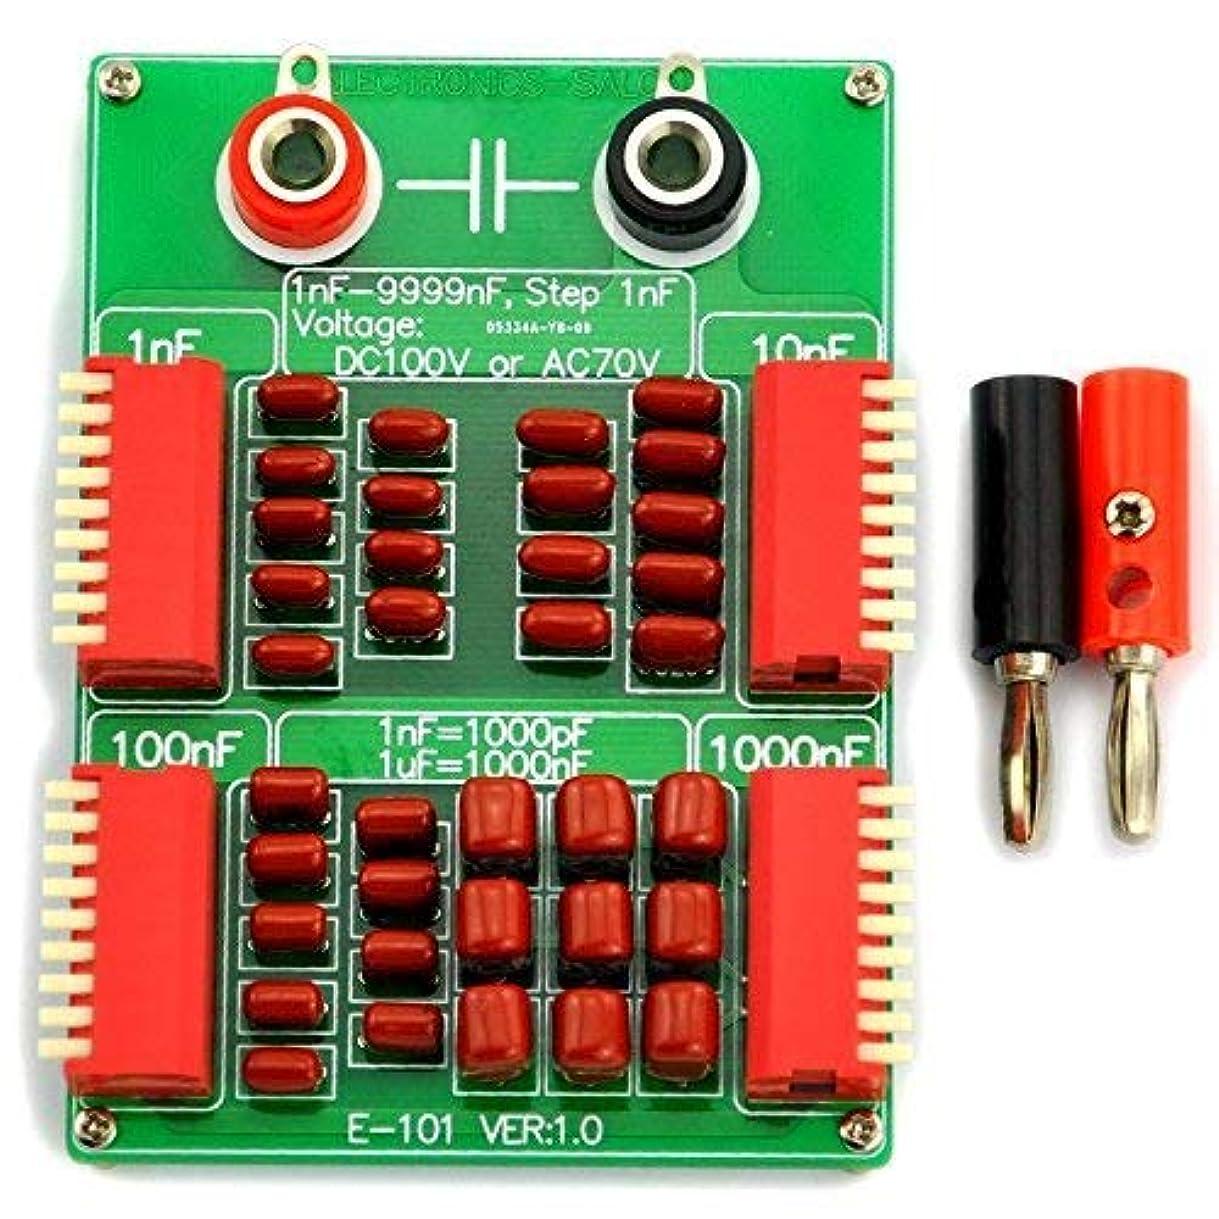 レコーダーネズミはいElectronics-Salon 9999nfステップ-1nF 4十年 プログラム可能なコンデンサ?ボードに1nF